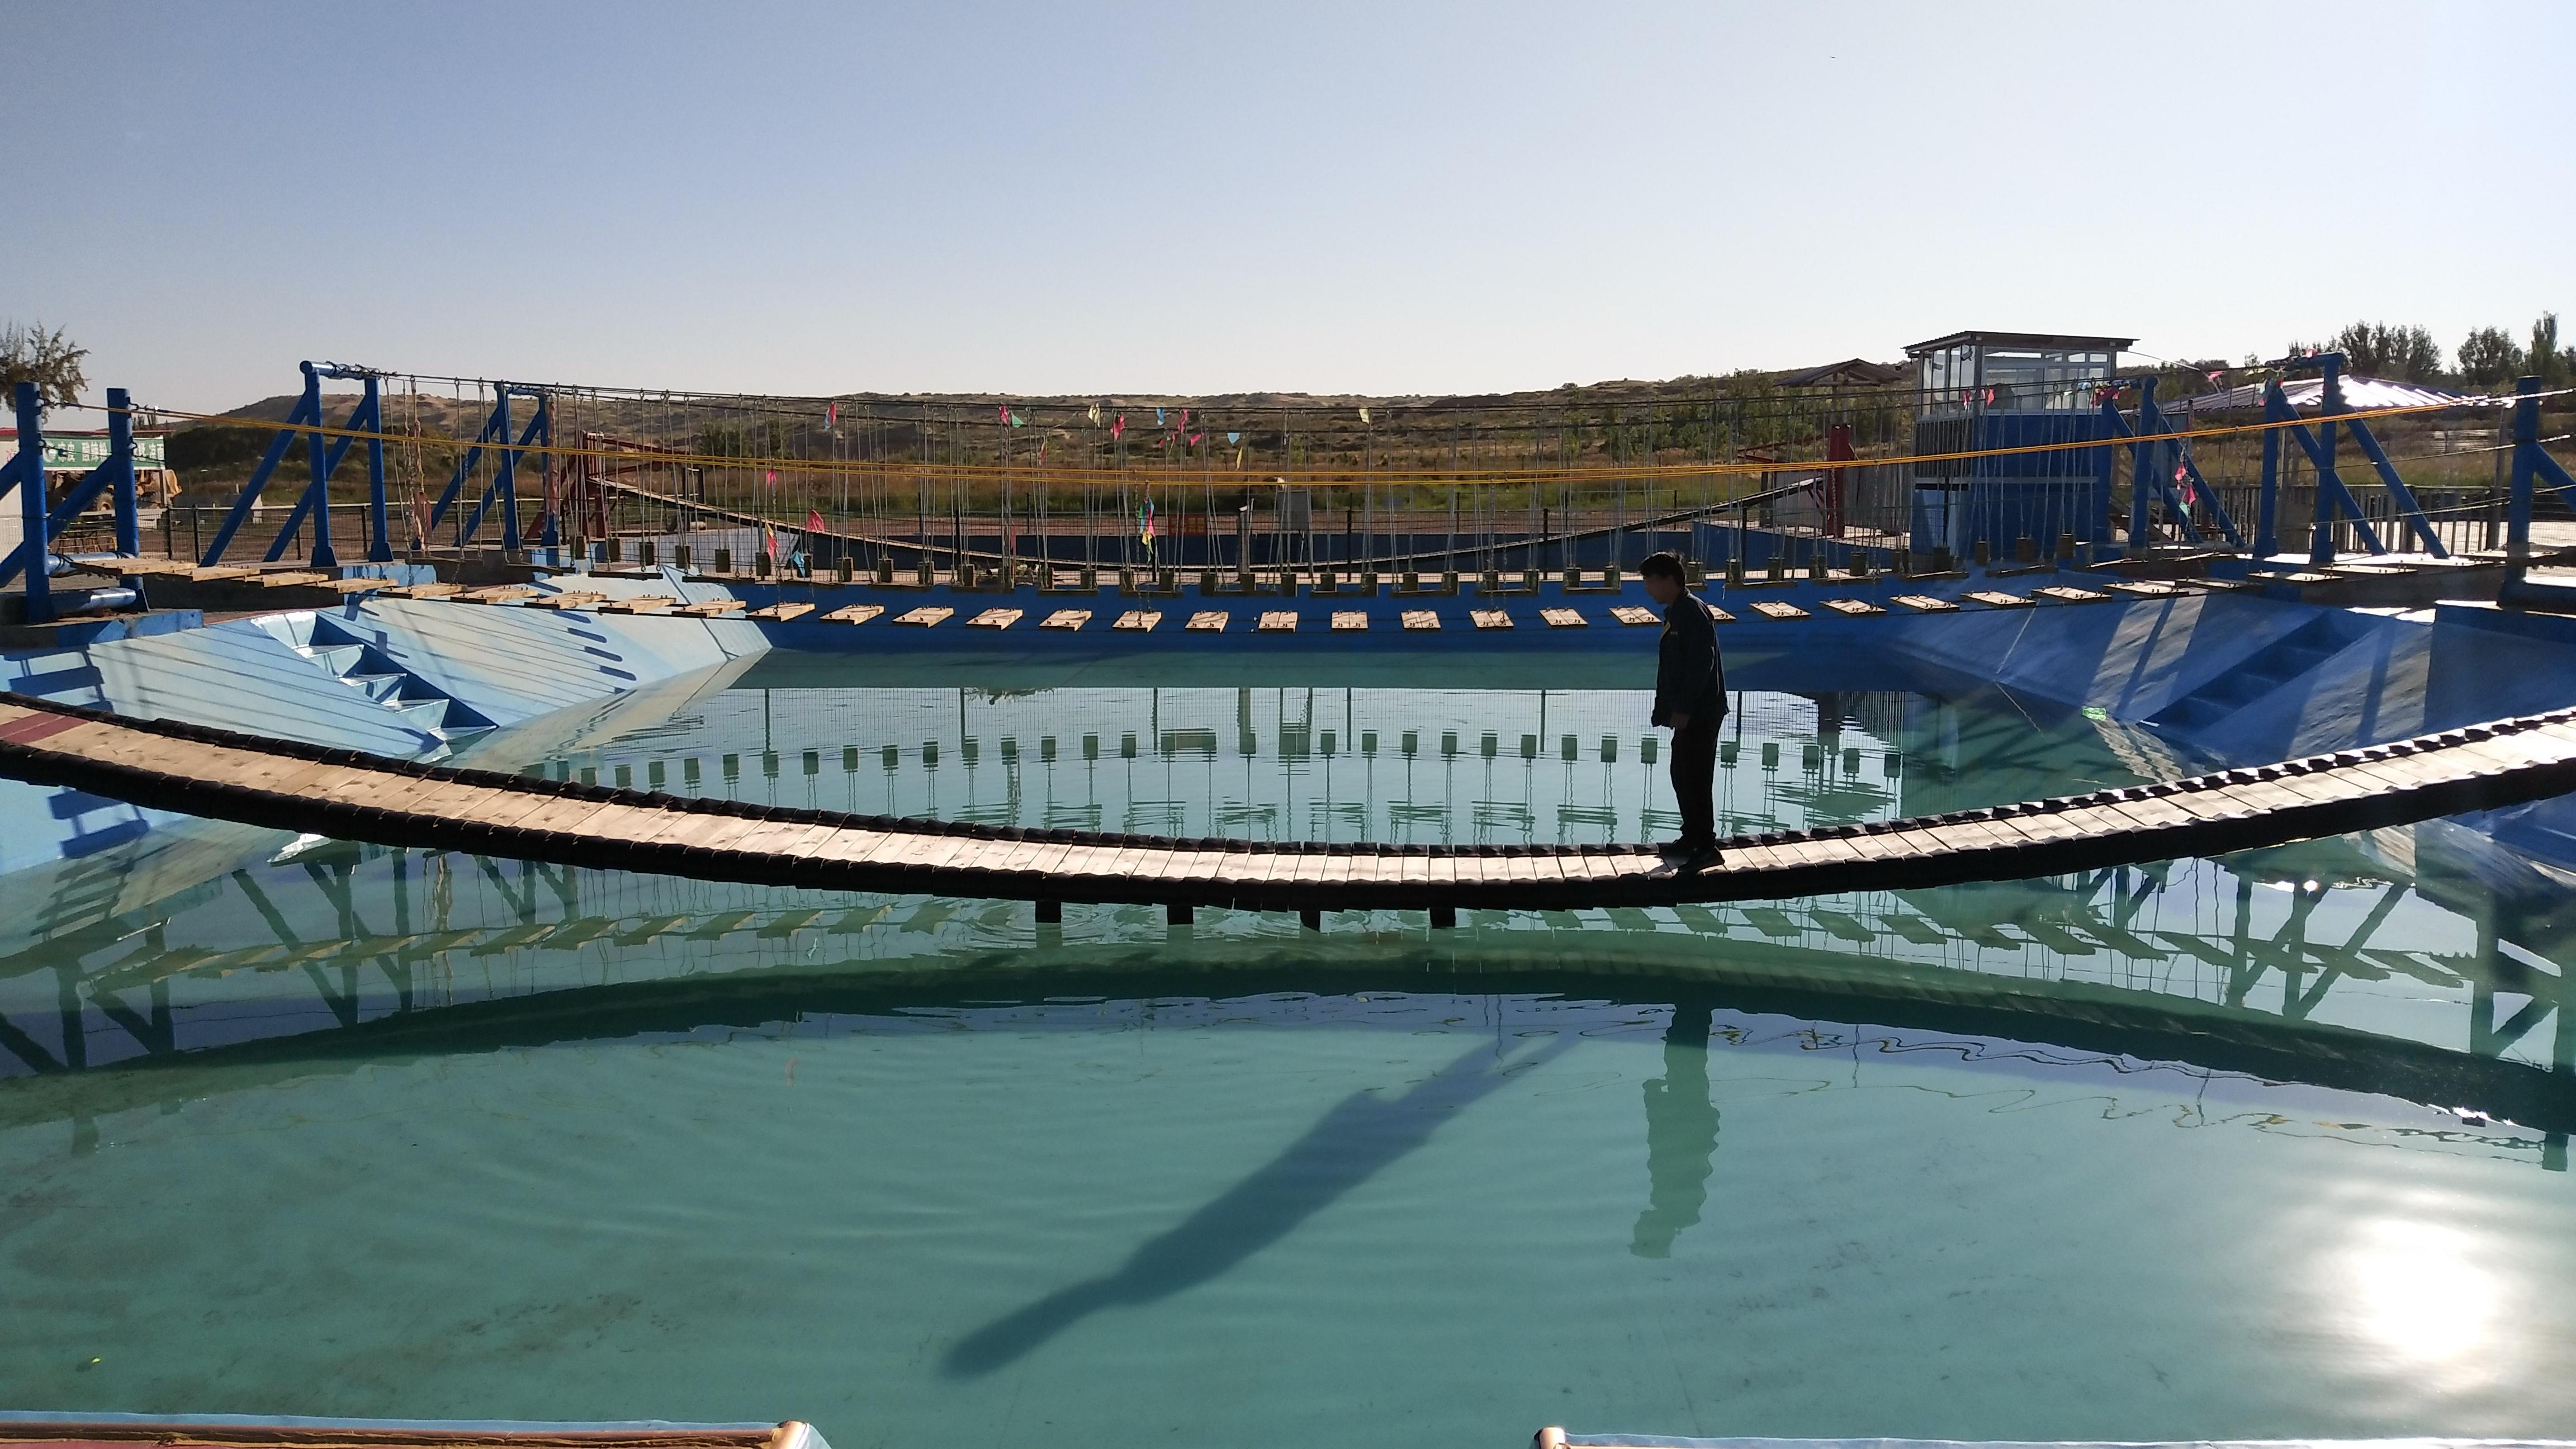 云南公园水上项目报价_公园娱乐休闲项目合作-新乡市奥创游乐设备有限公司